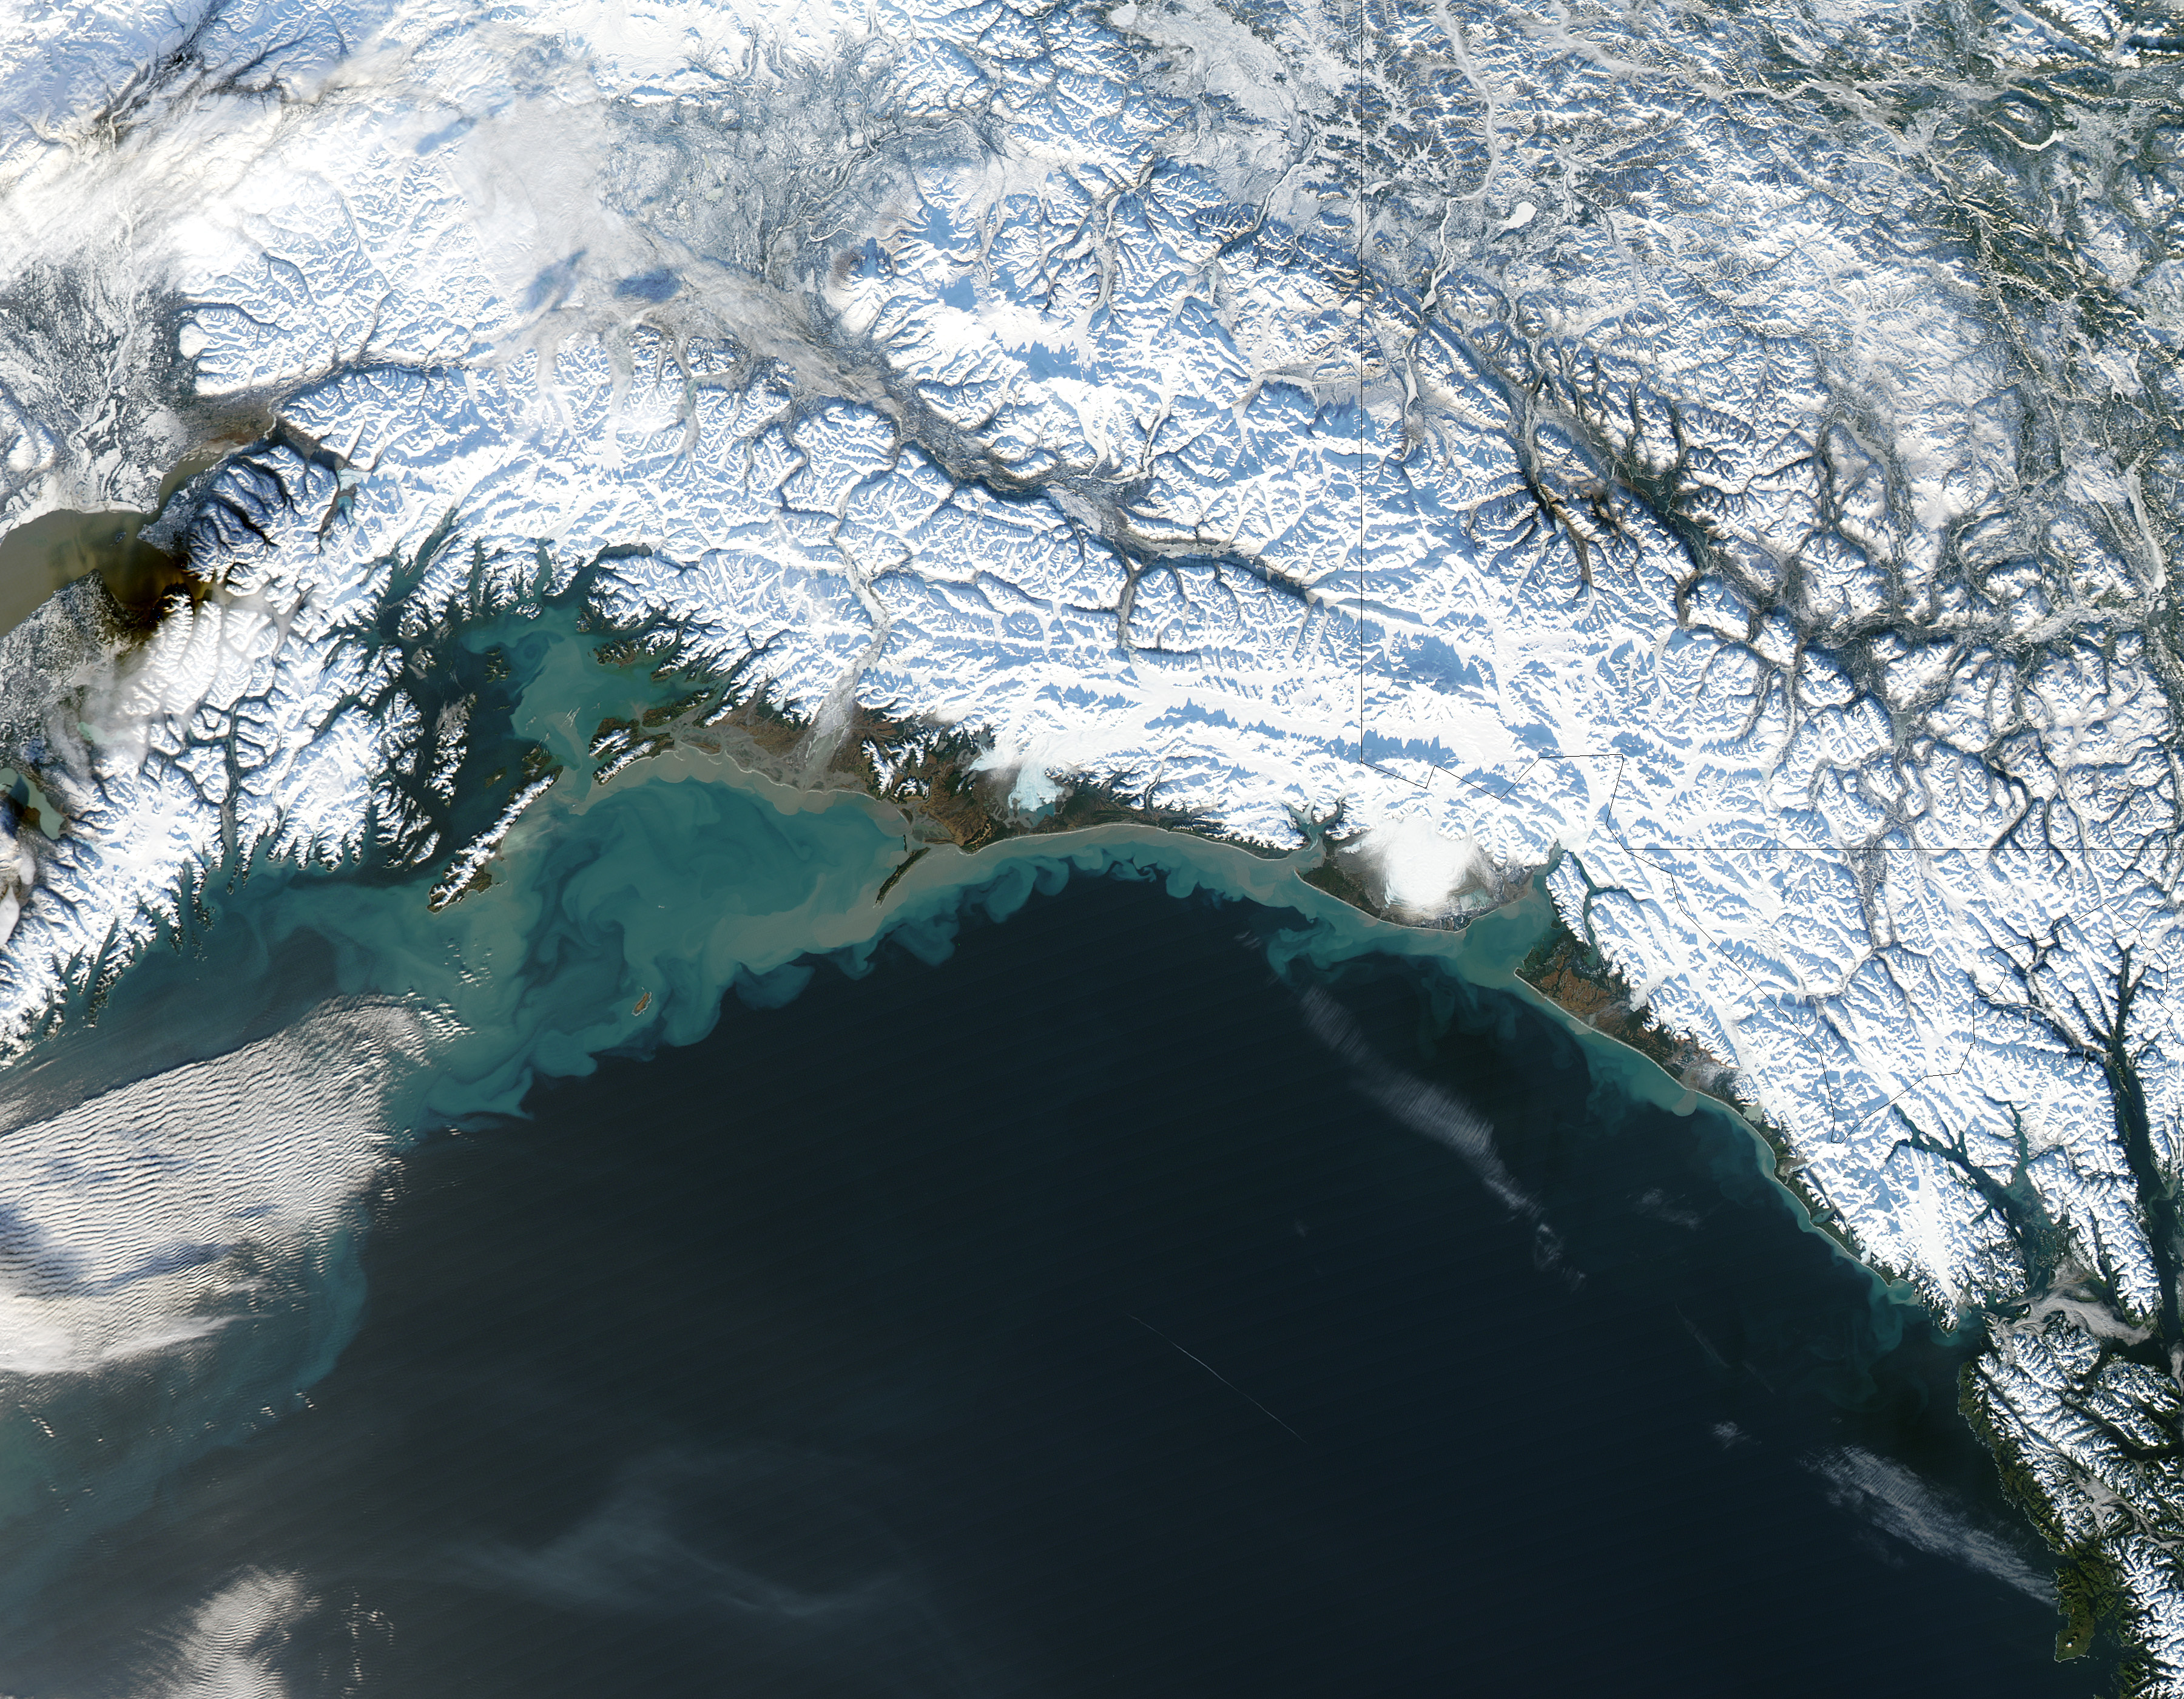 Port Alsworth Alaska Map.Winter Heat Swamps Alaska